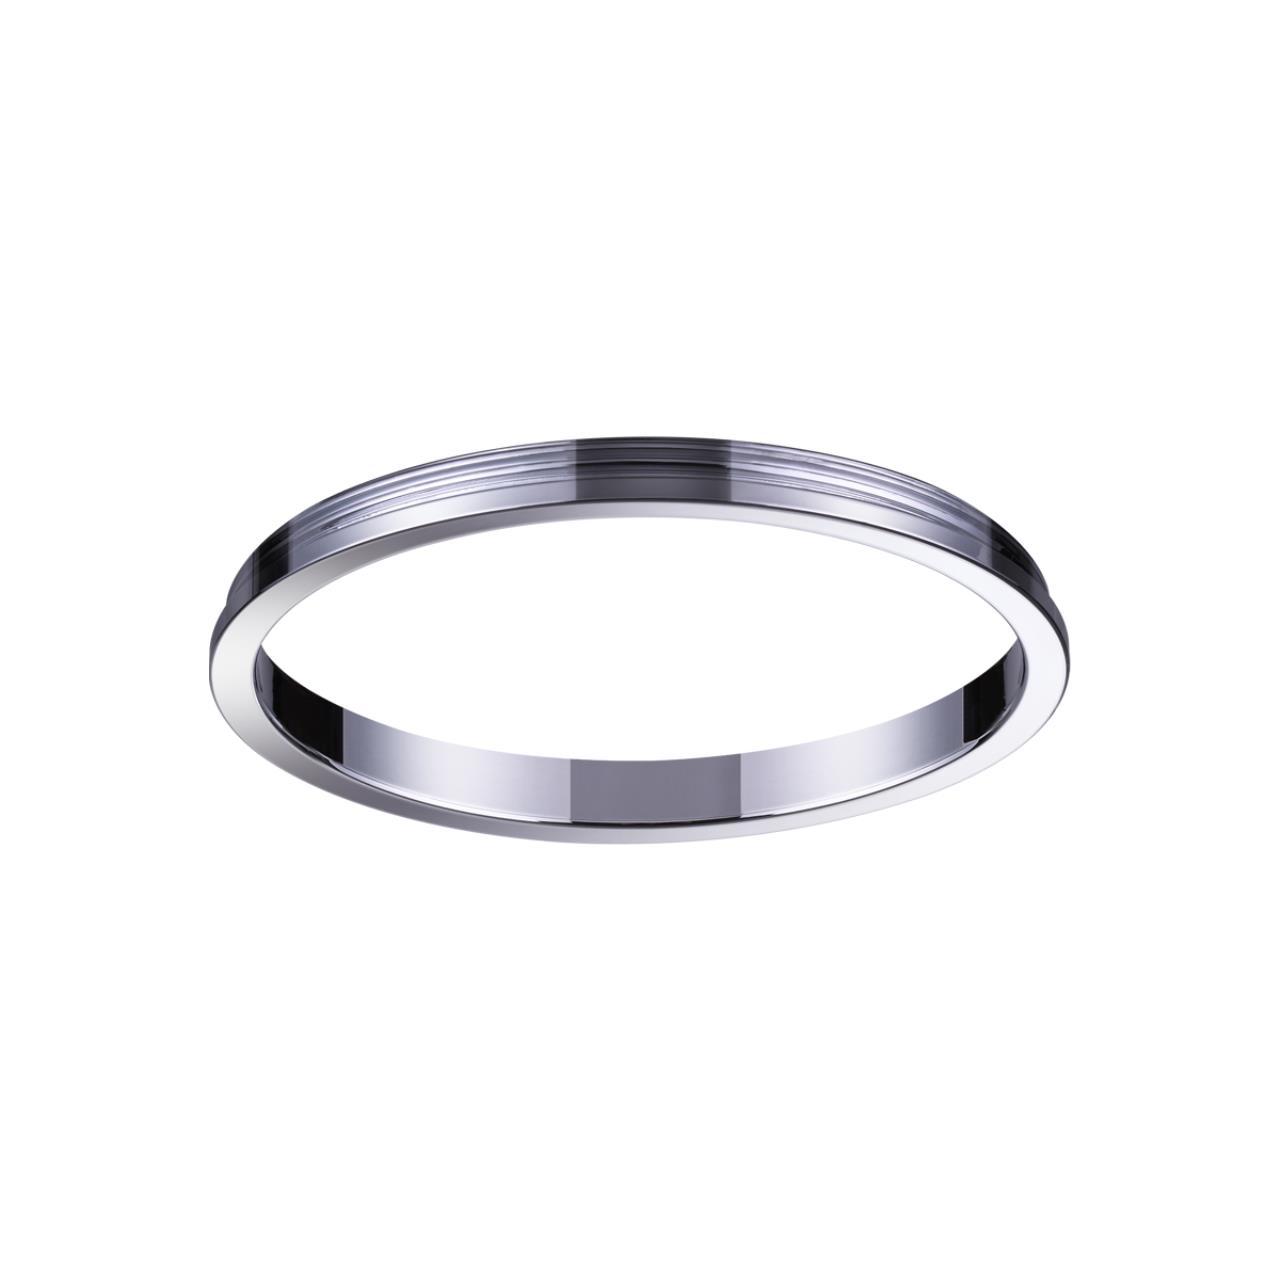 370542 KONST NT19 029 хром Внешнее декоративное кольцо к артикулам 370529 - 370534 UNITE